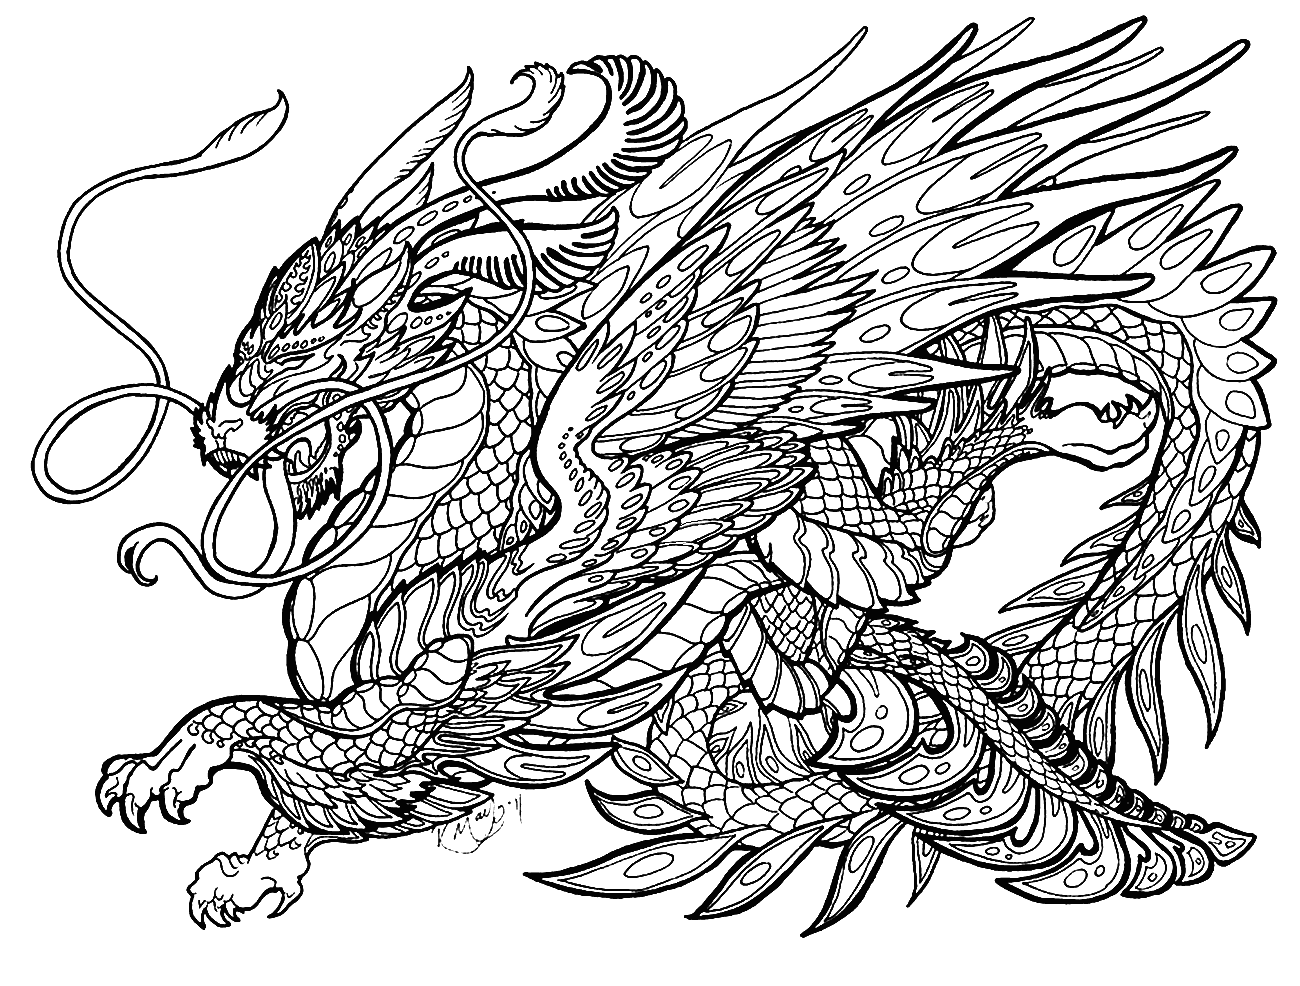 цветной дракон картинка распечатать